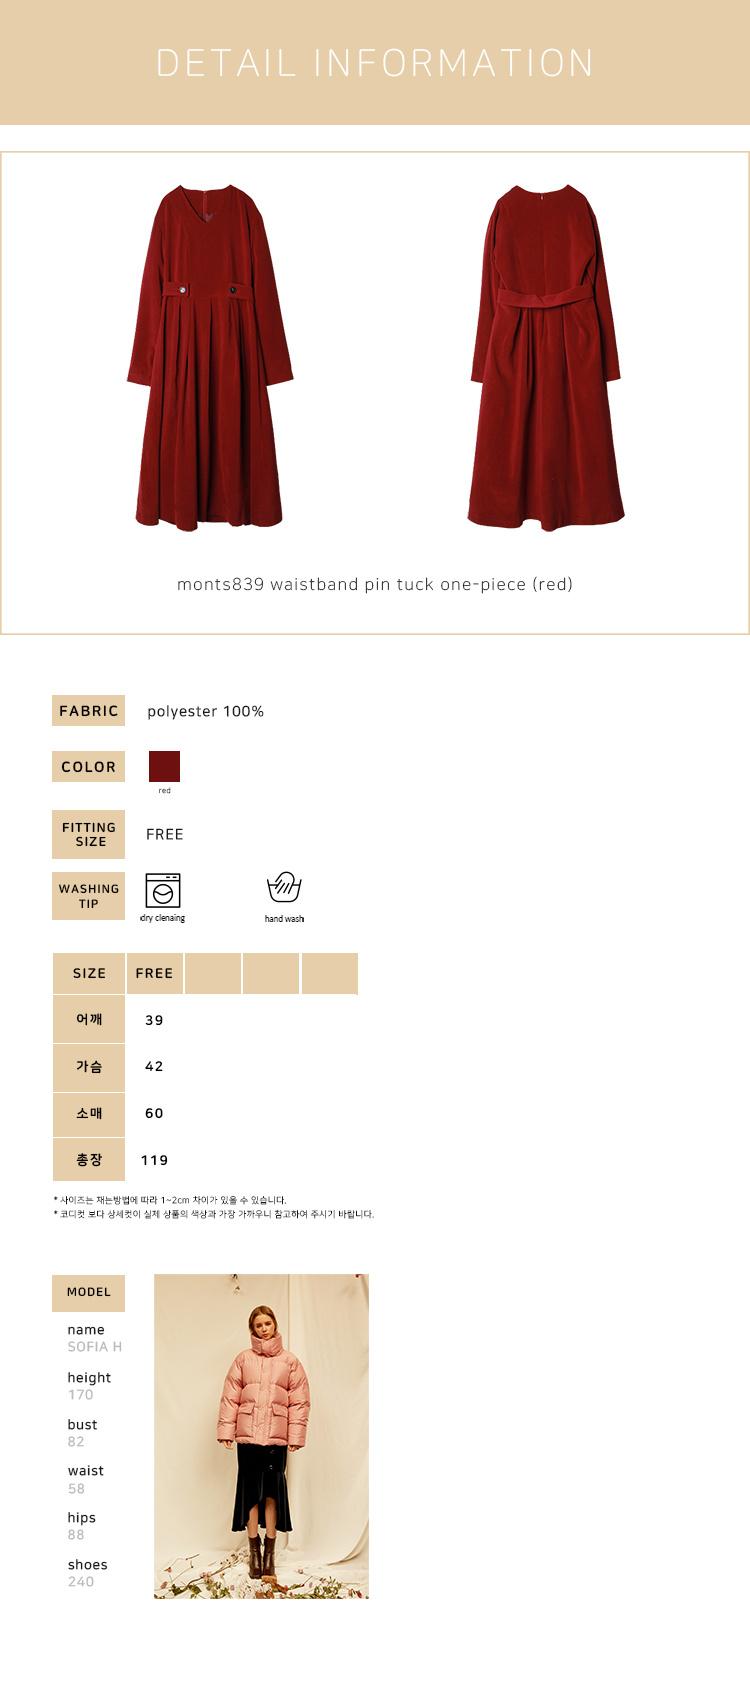 몬츠(MONTS) 839 waistband pin tuck one-piece (red)